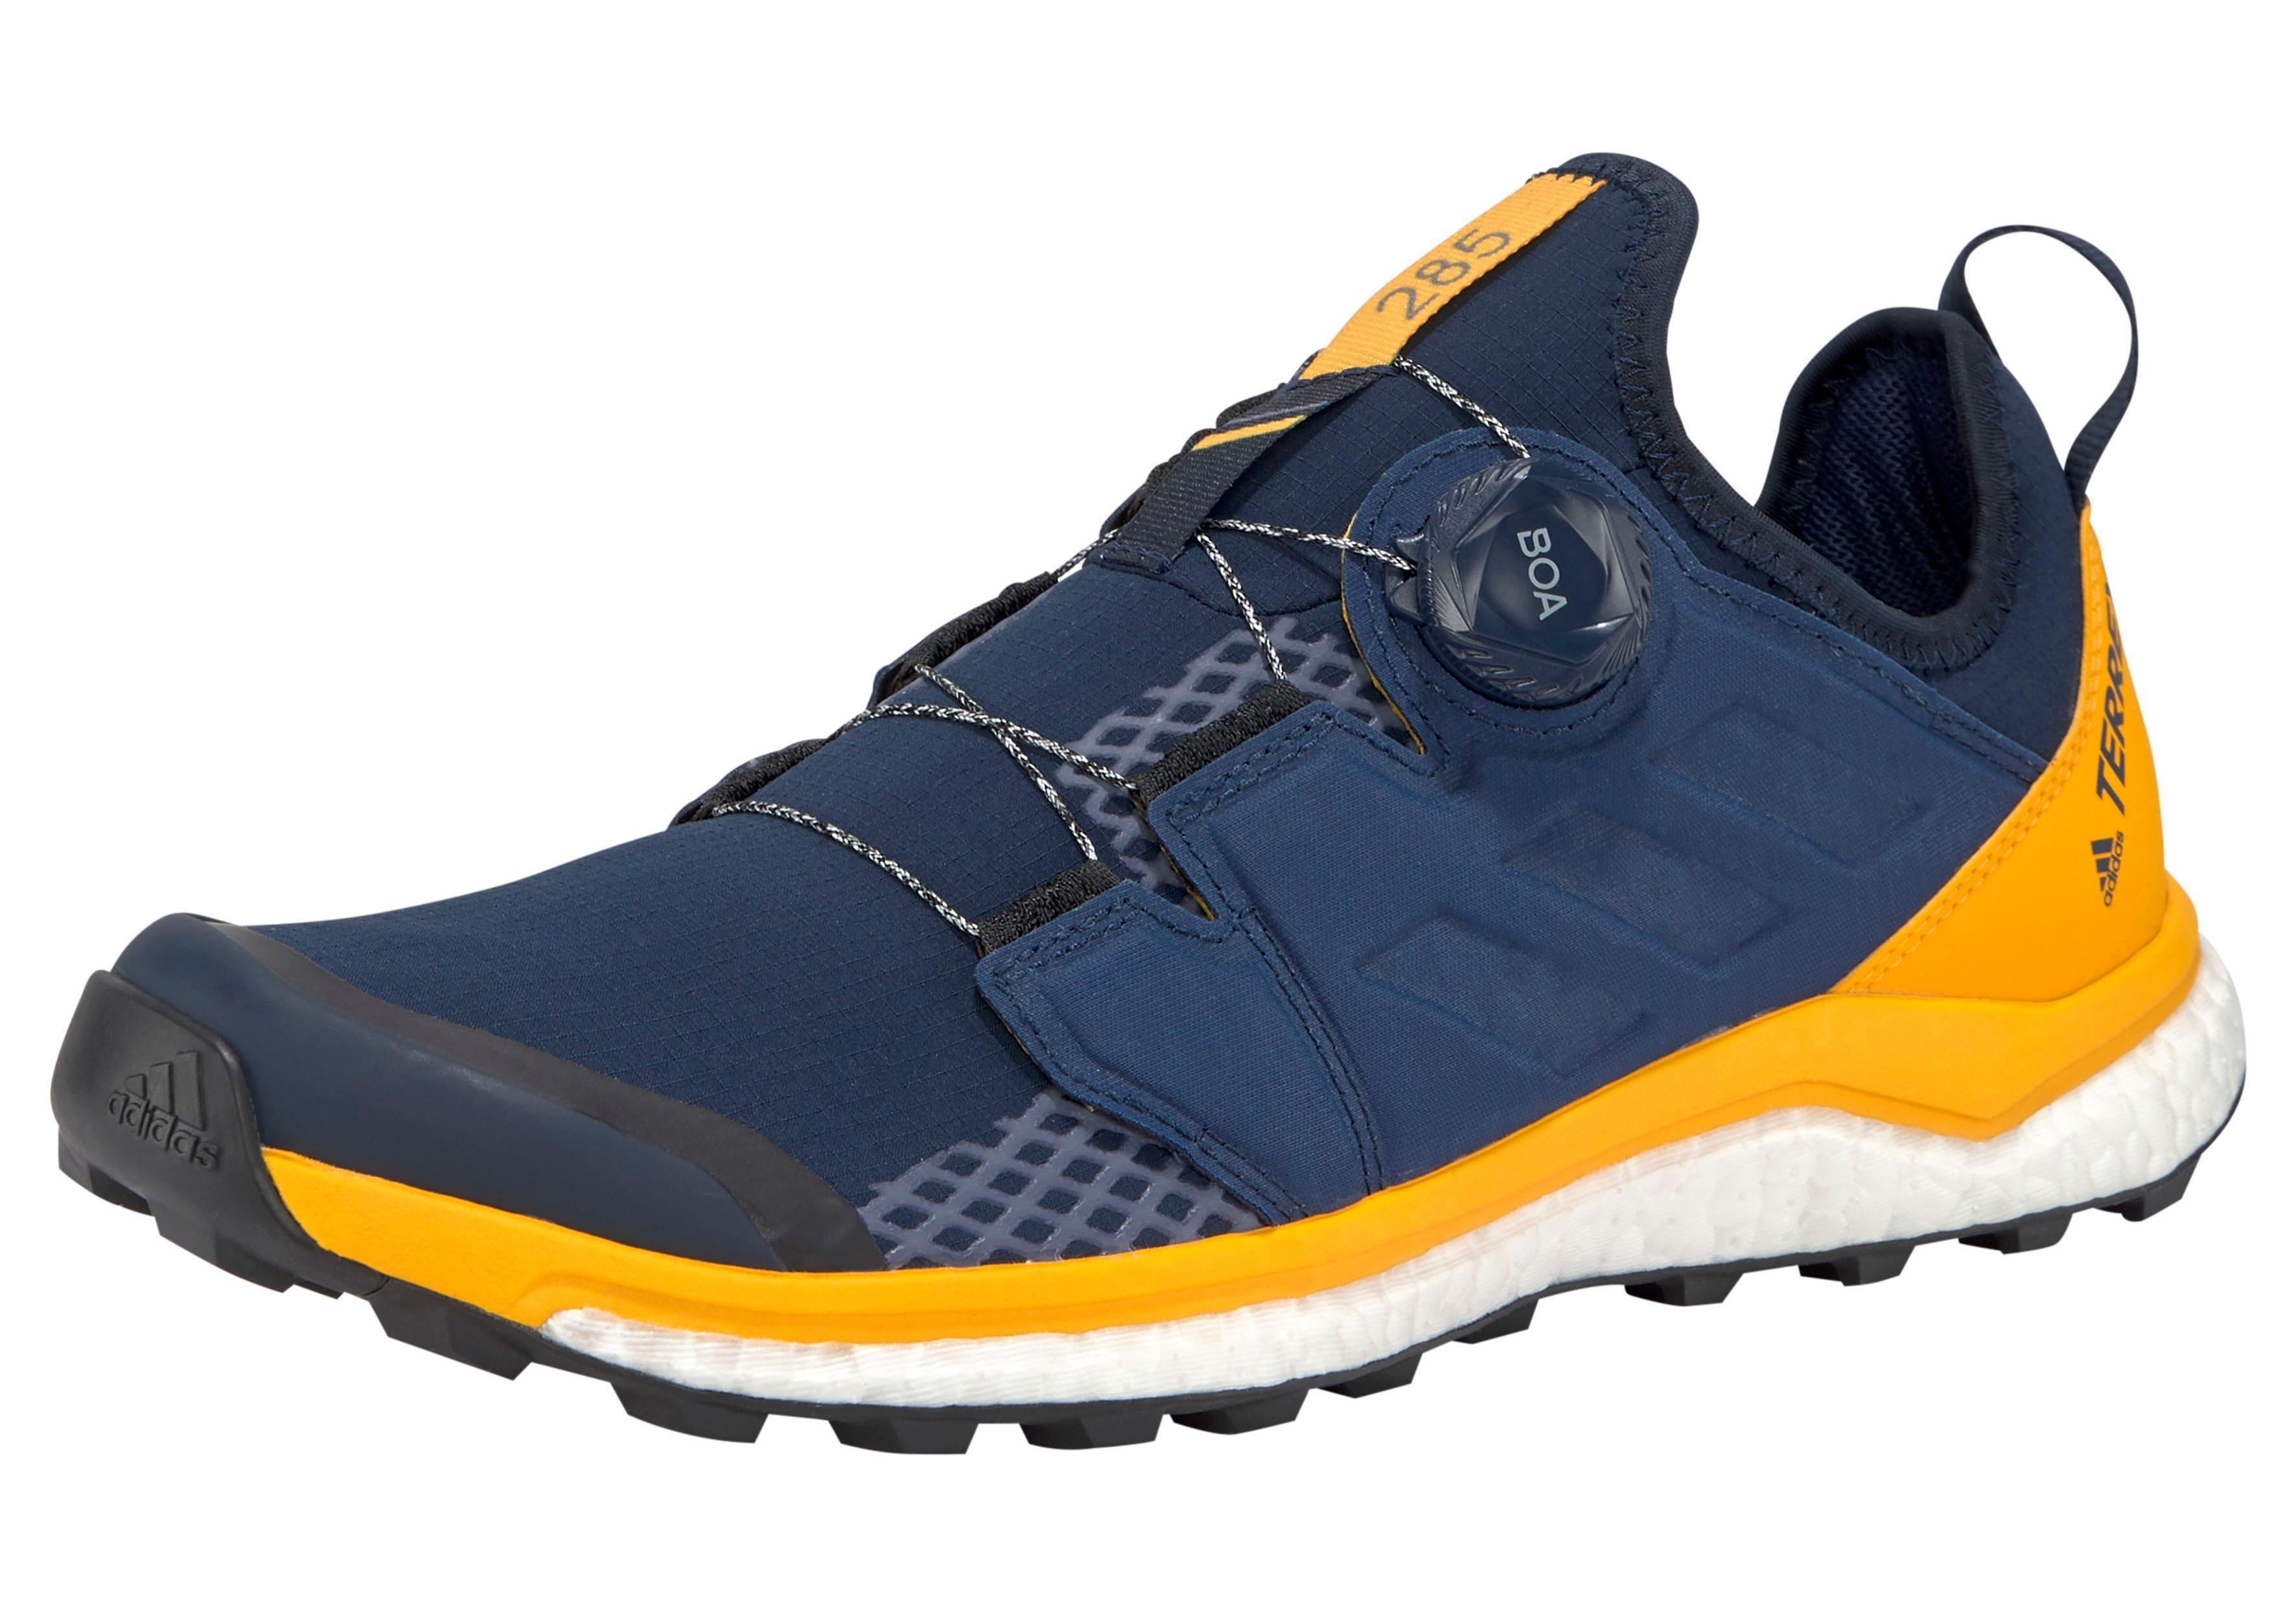 adidas Performance runningschoenen »TERREX AGRAVIC BOA« nu online kopen bij OTTO